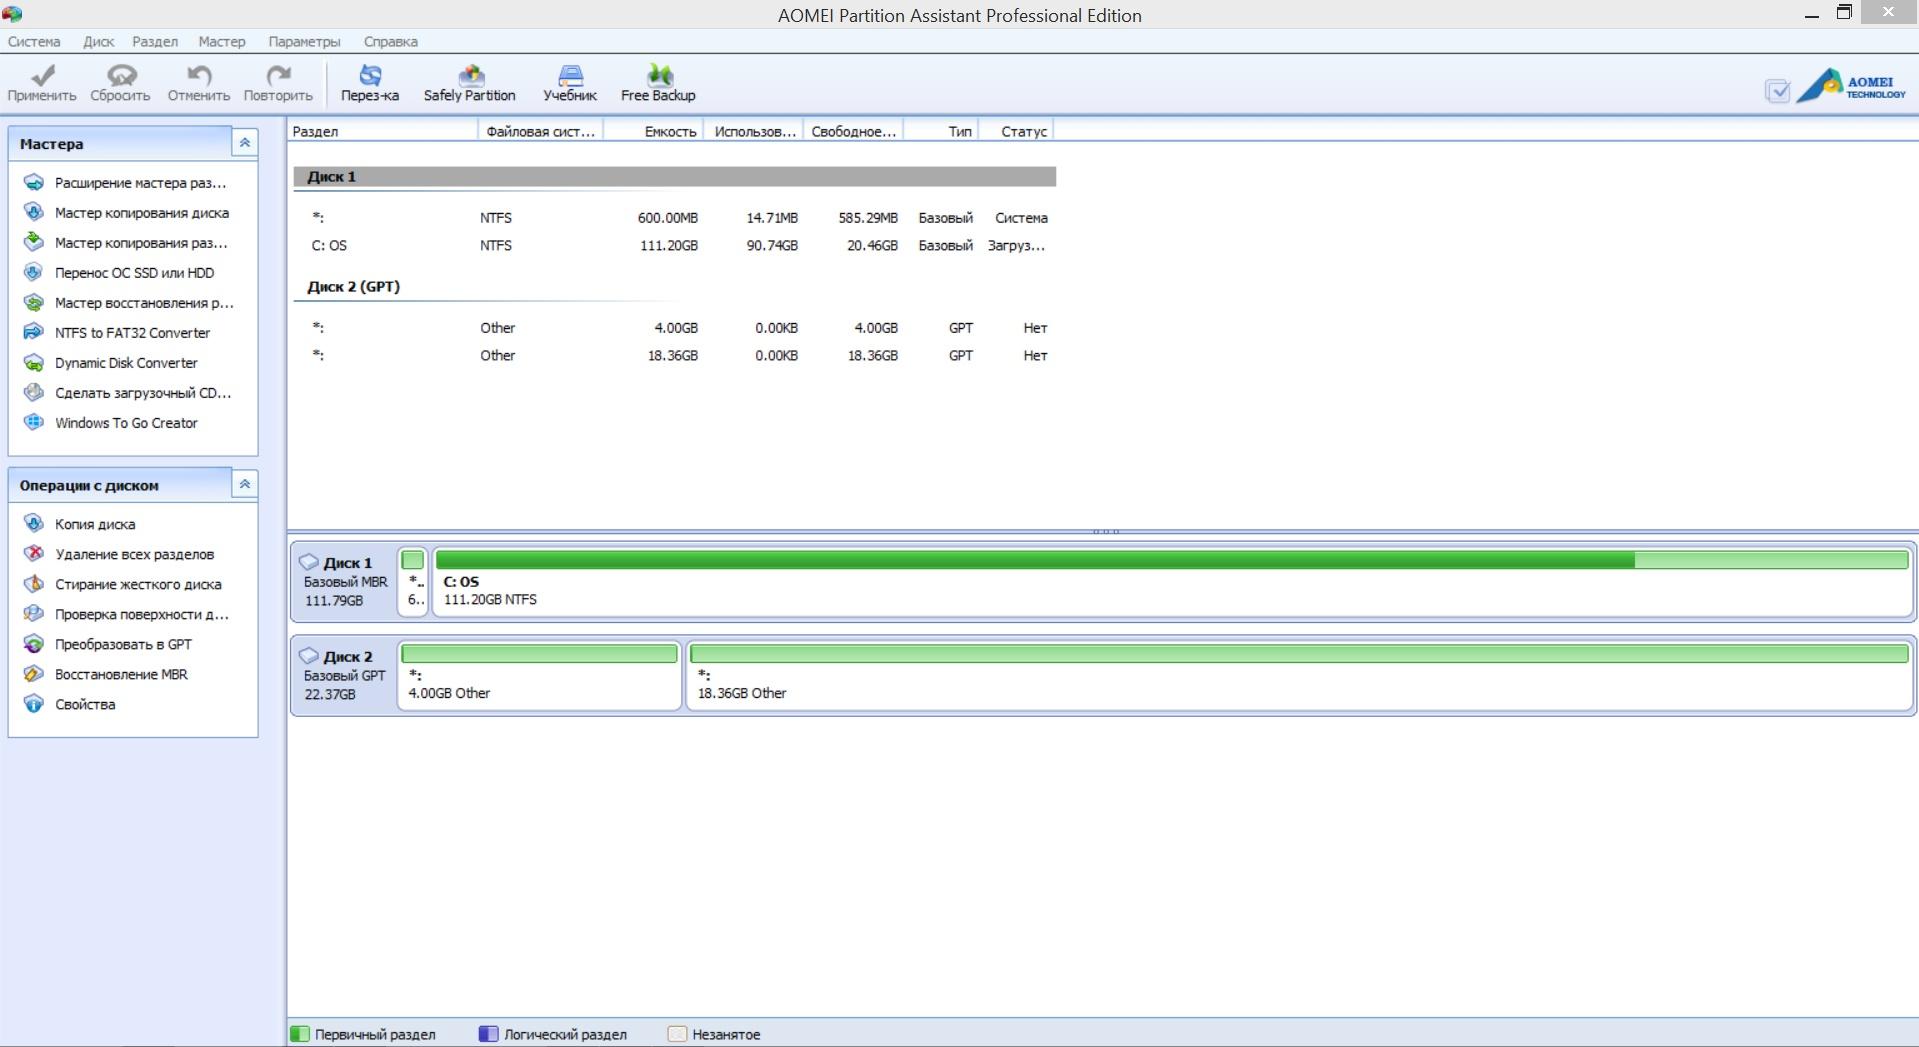 Как перенести WINDOWS 8 на ssd с помощью программы AMEIO